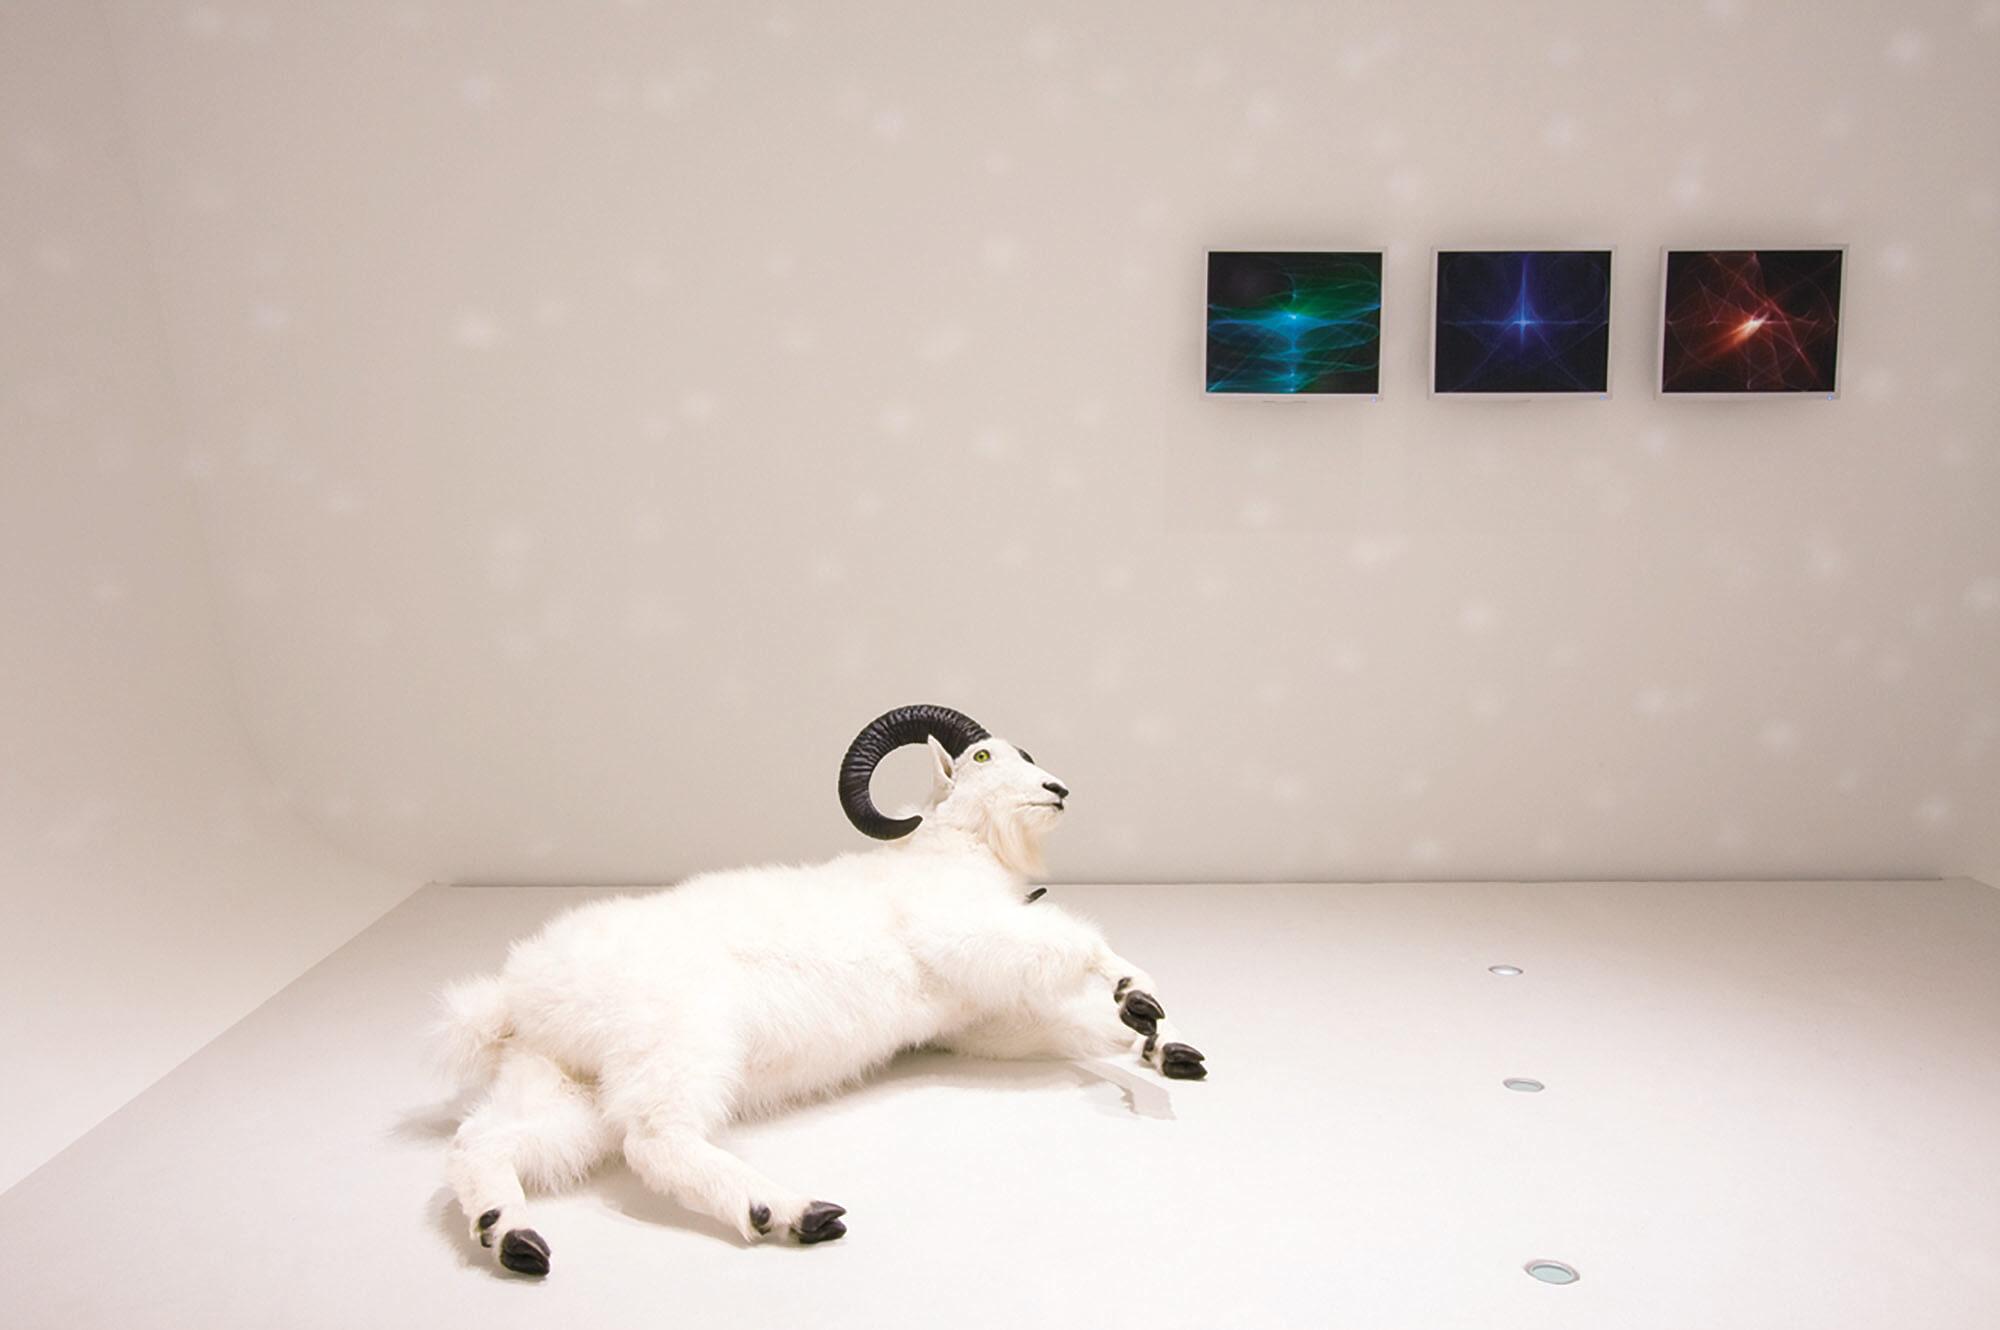 ボッレ・セートレ Dead Snow World System 現代美術 Contemporary Art